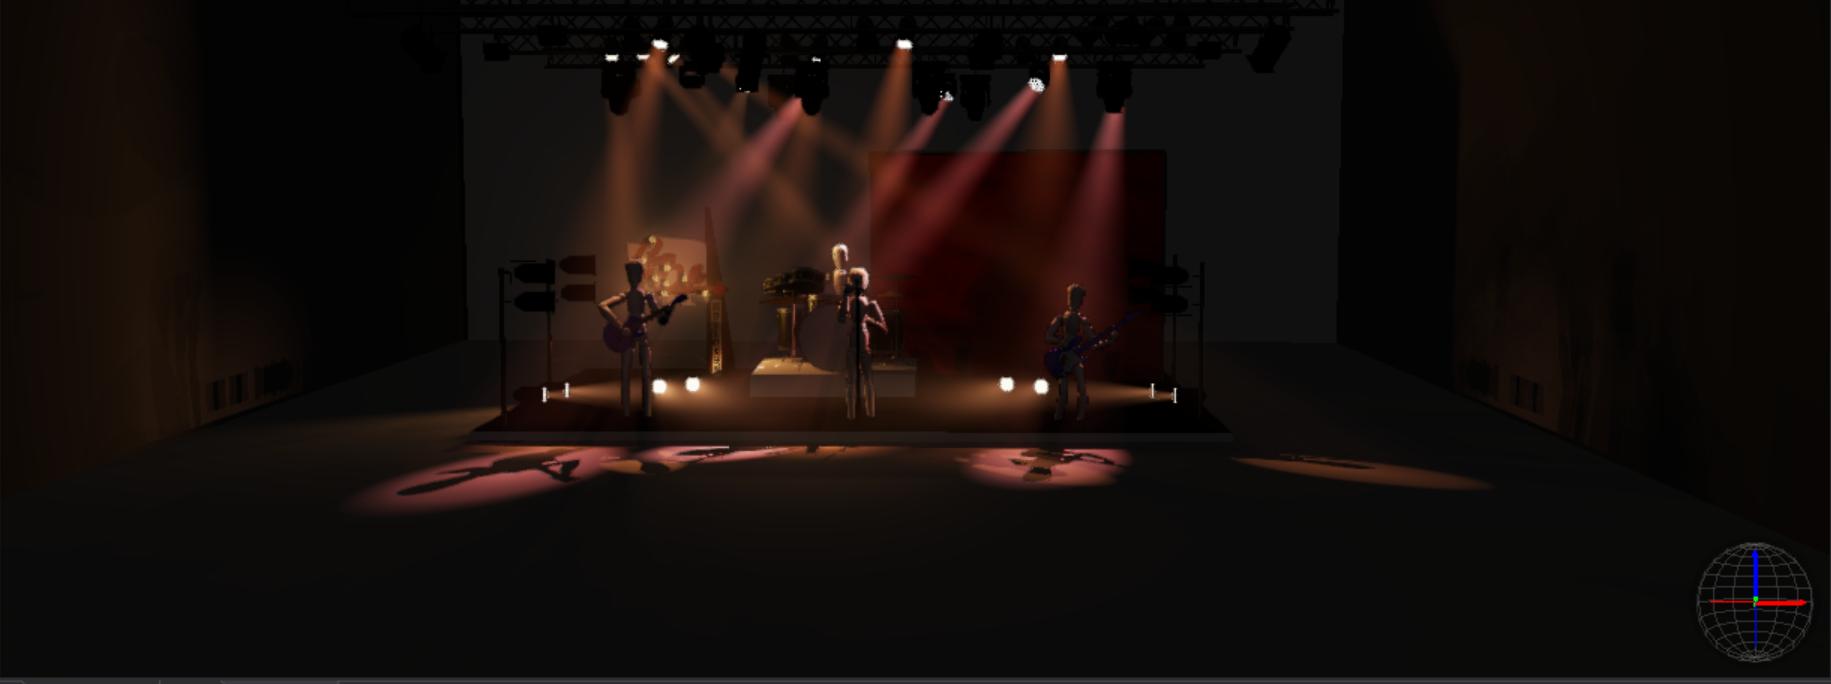 Modelisation de la scene des Crazy dolls and the Bollocks avec des lumières attenué et chaudes. Réalisé par Machicoulis